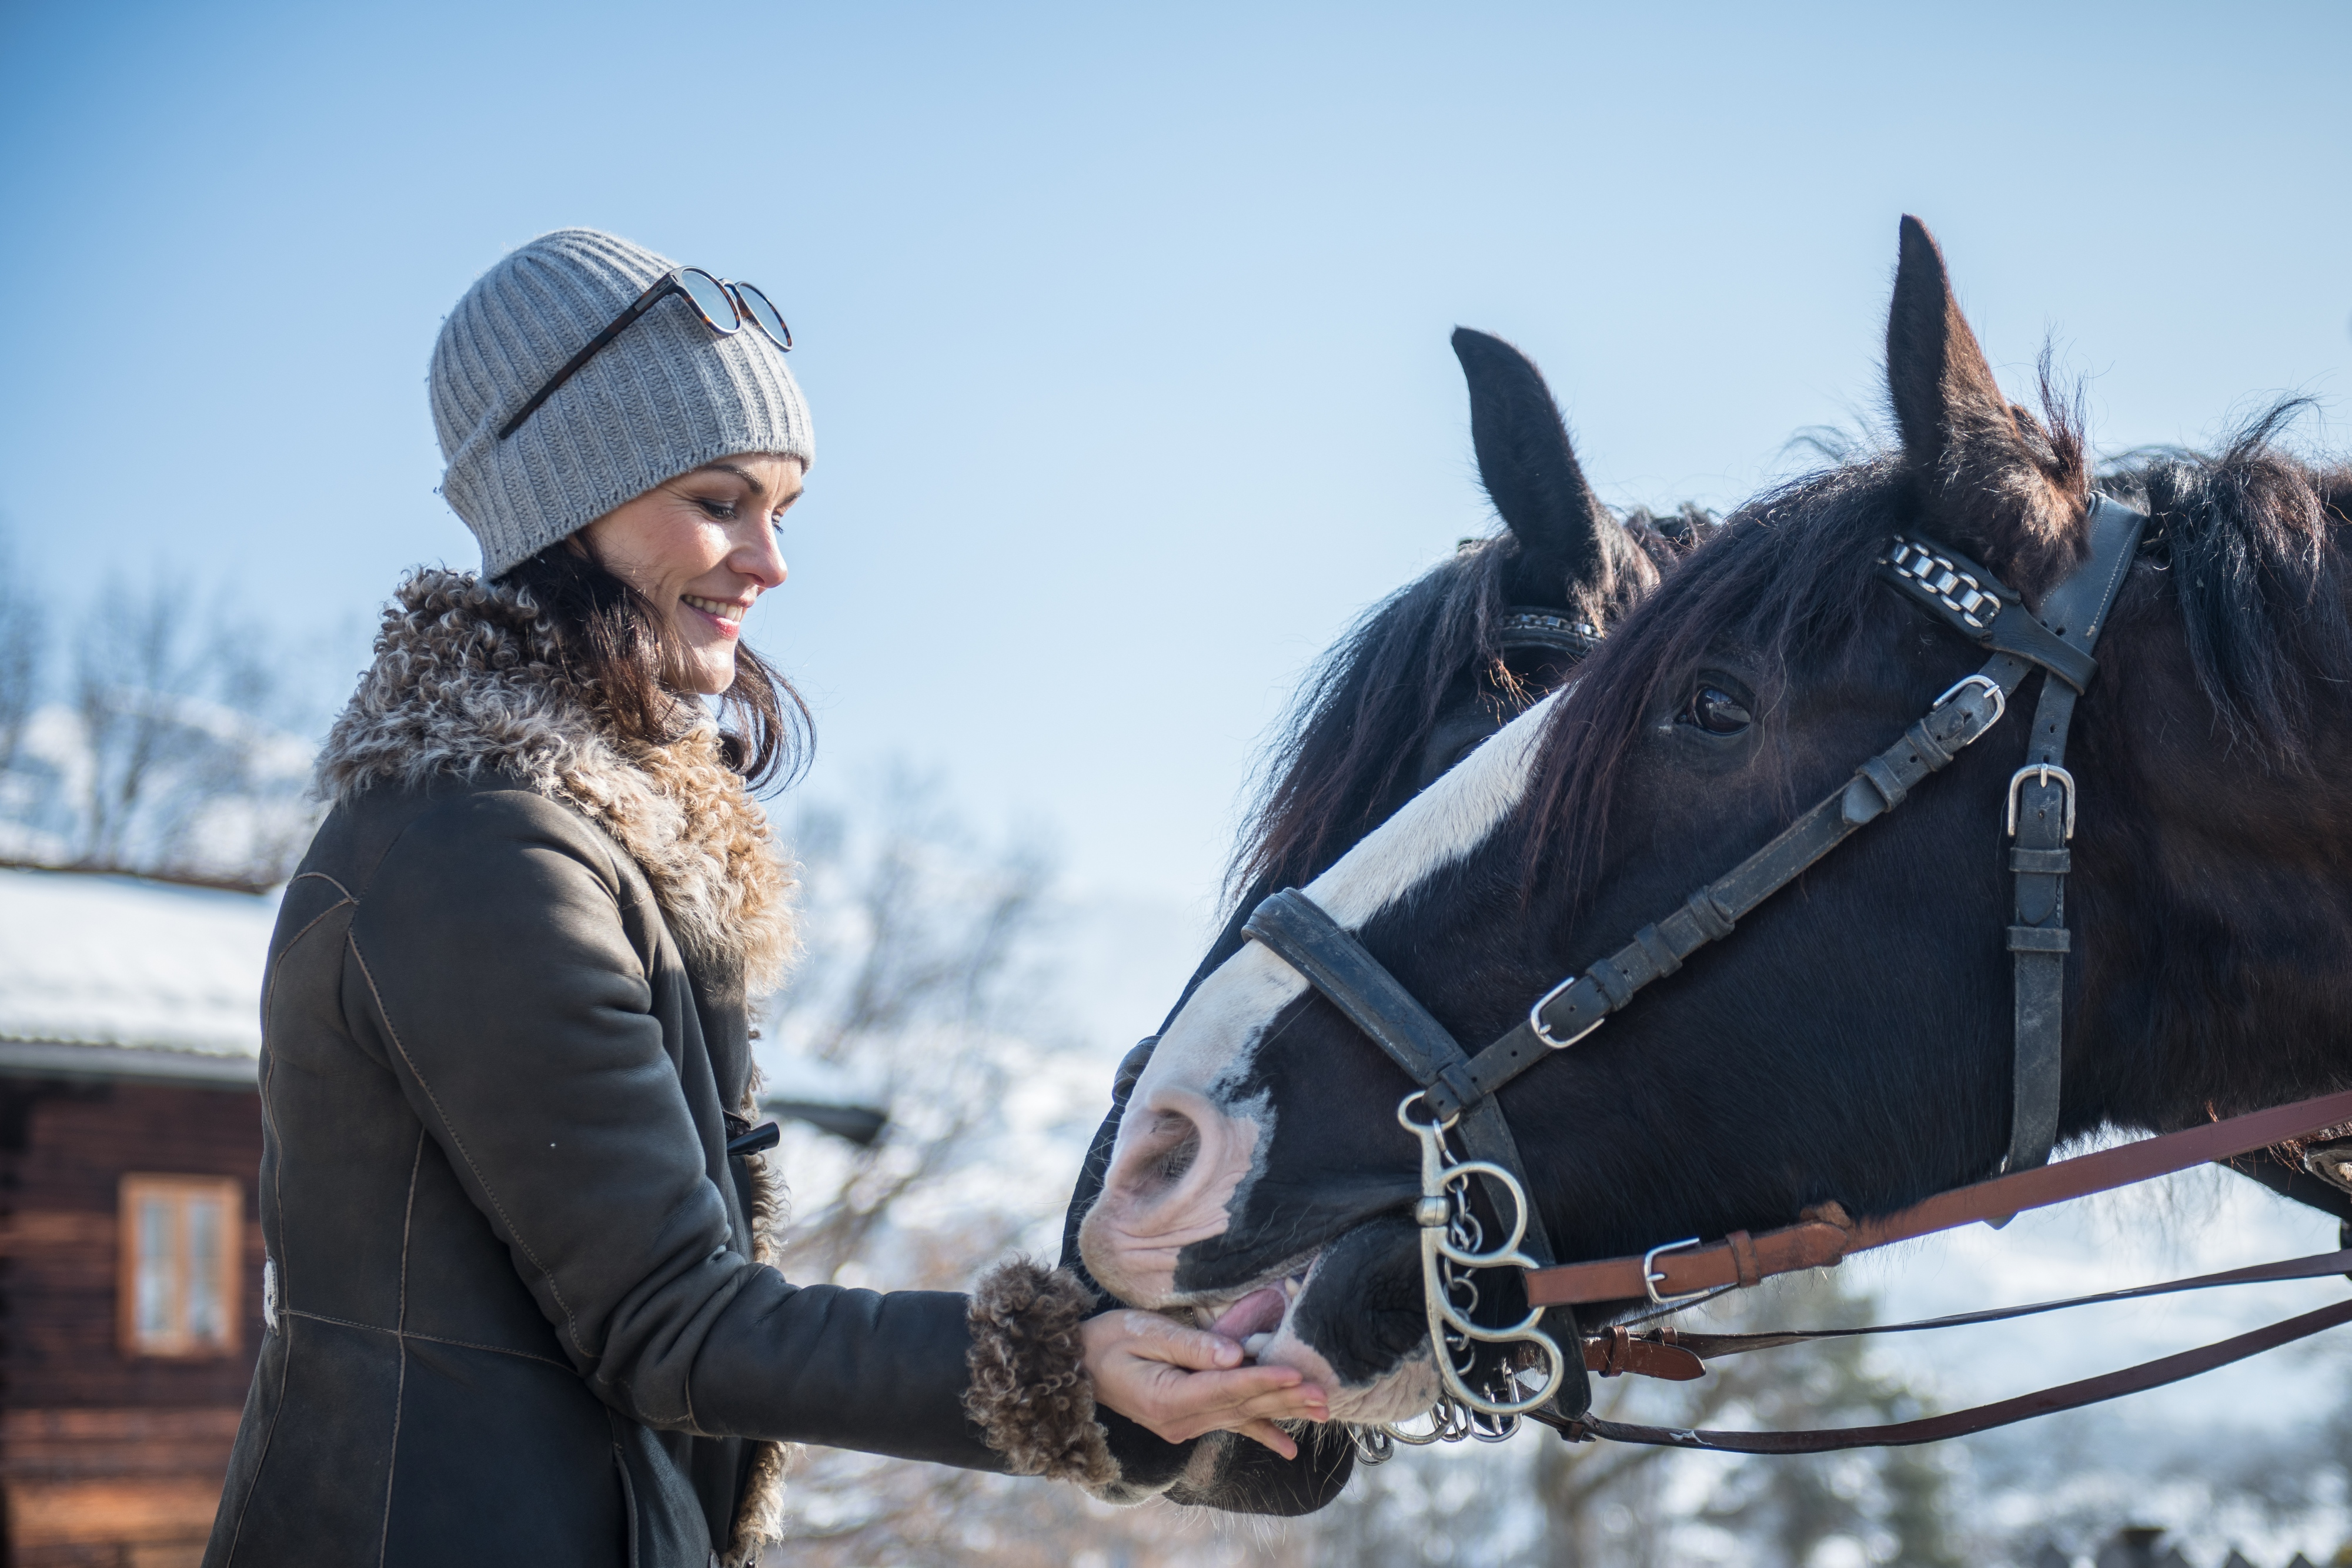 Frau füttert streichelt Pferde Kutsche Kitzbühel Winter